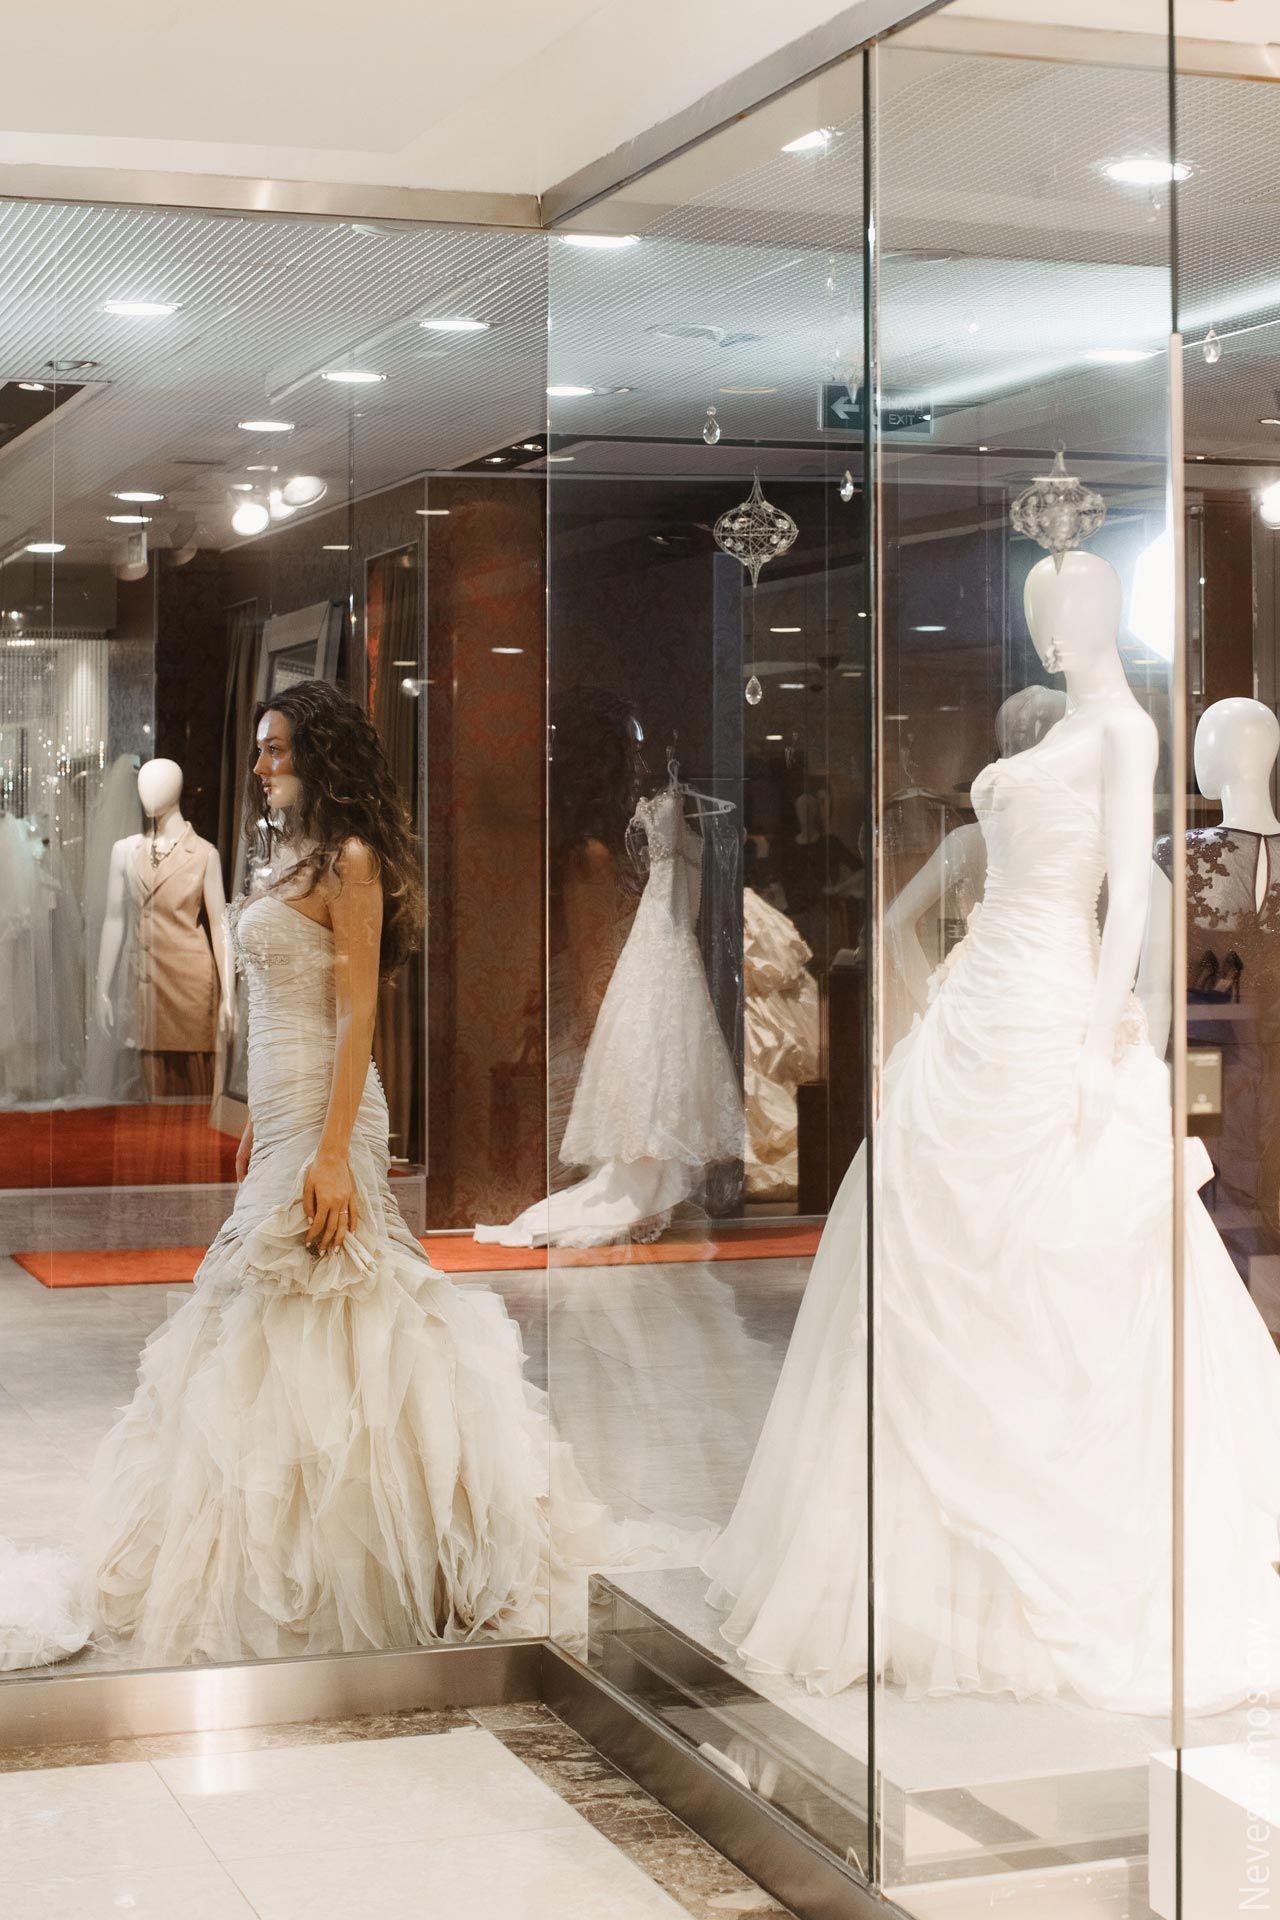 Рената Байкова примеряет свадебное платье фото 21